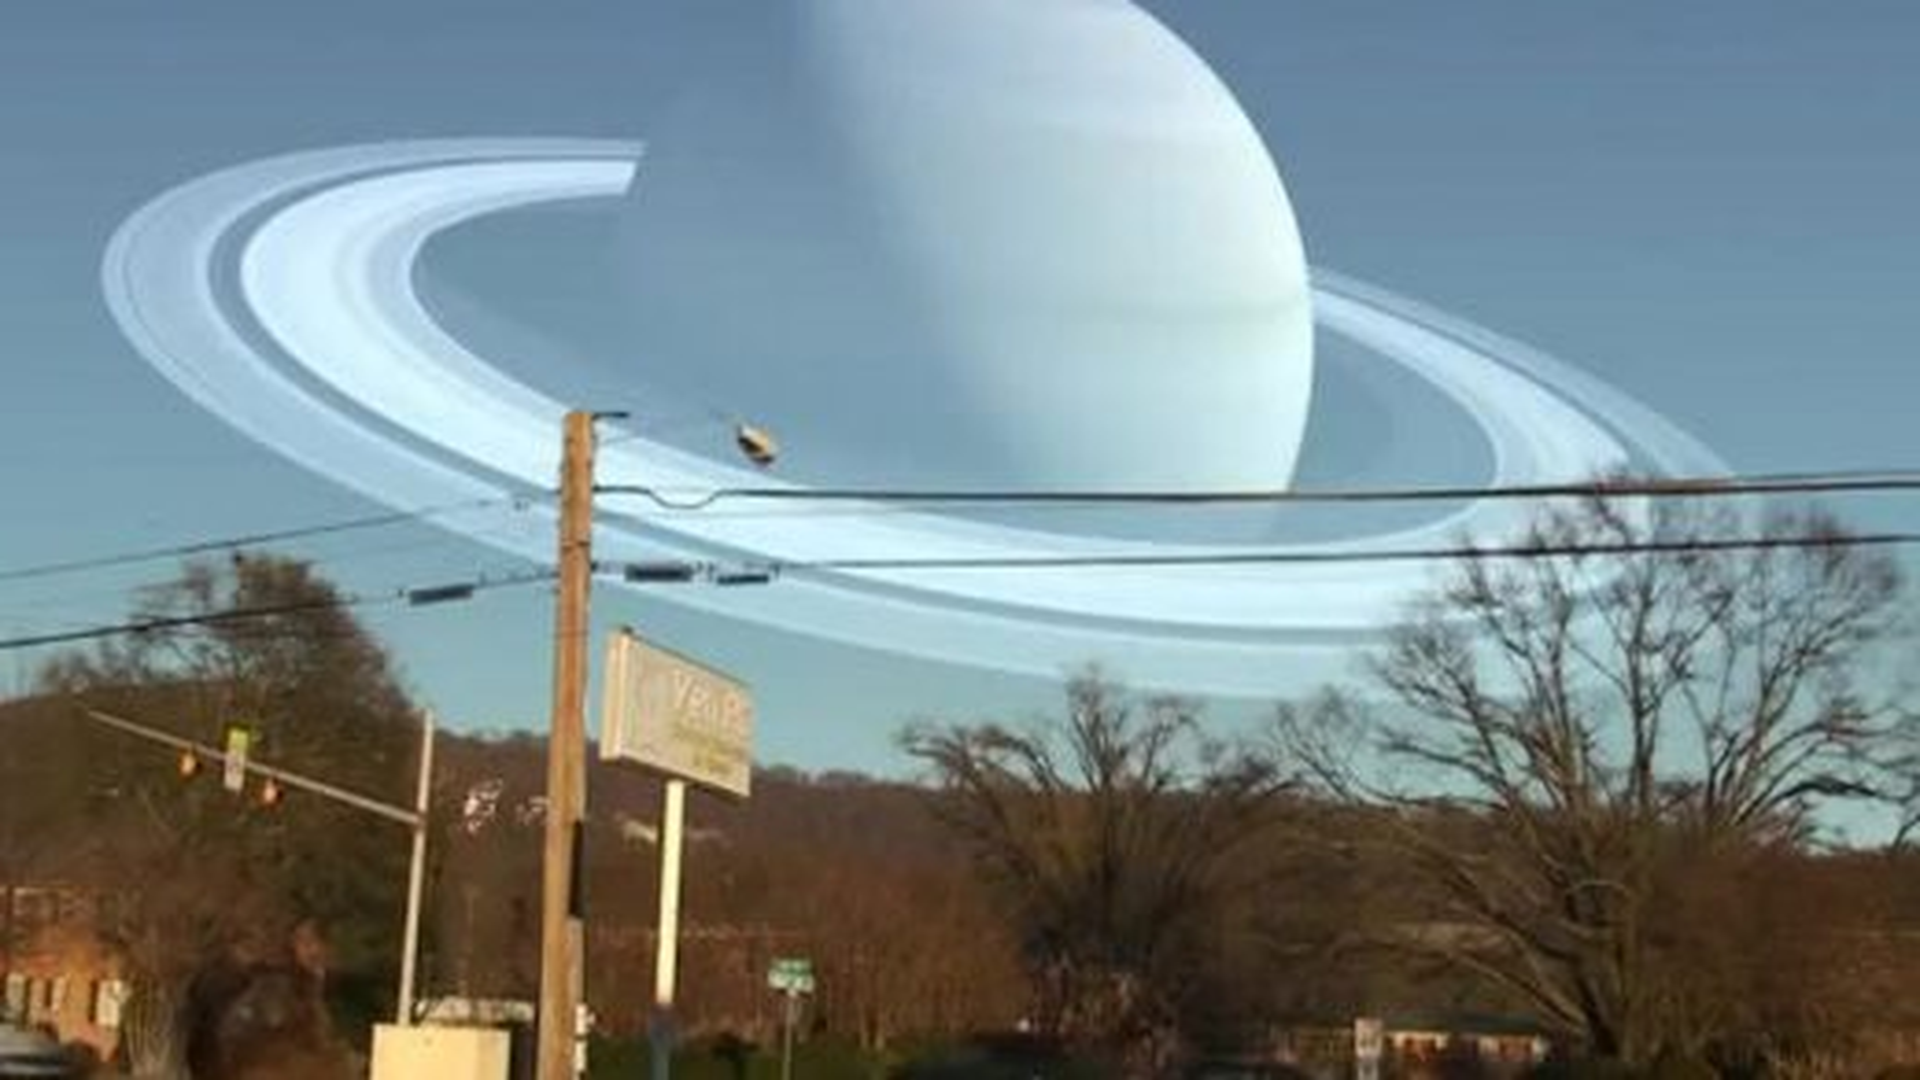 سیارات منظومه شمسی | تگ